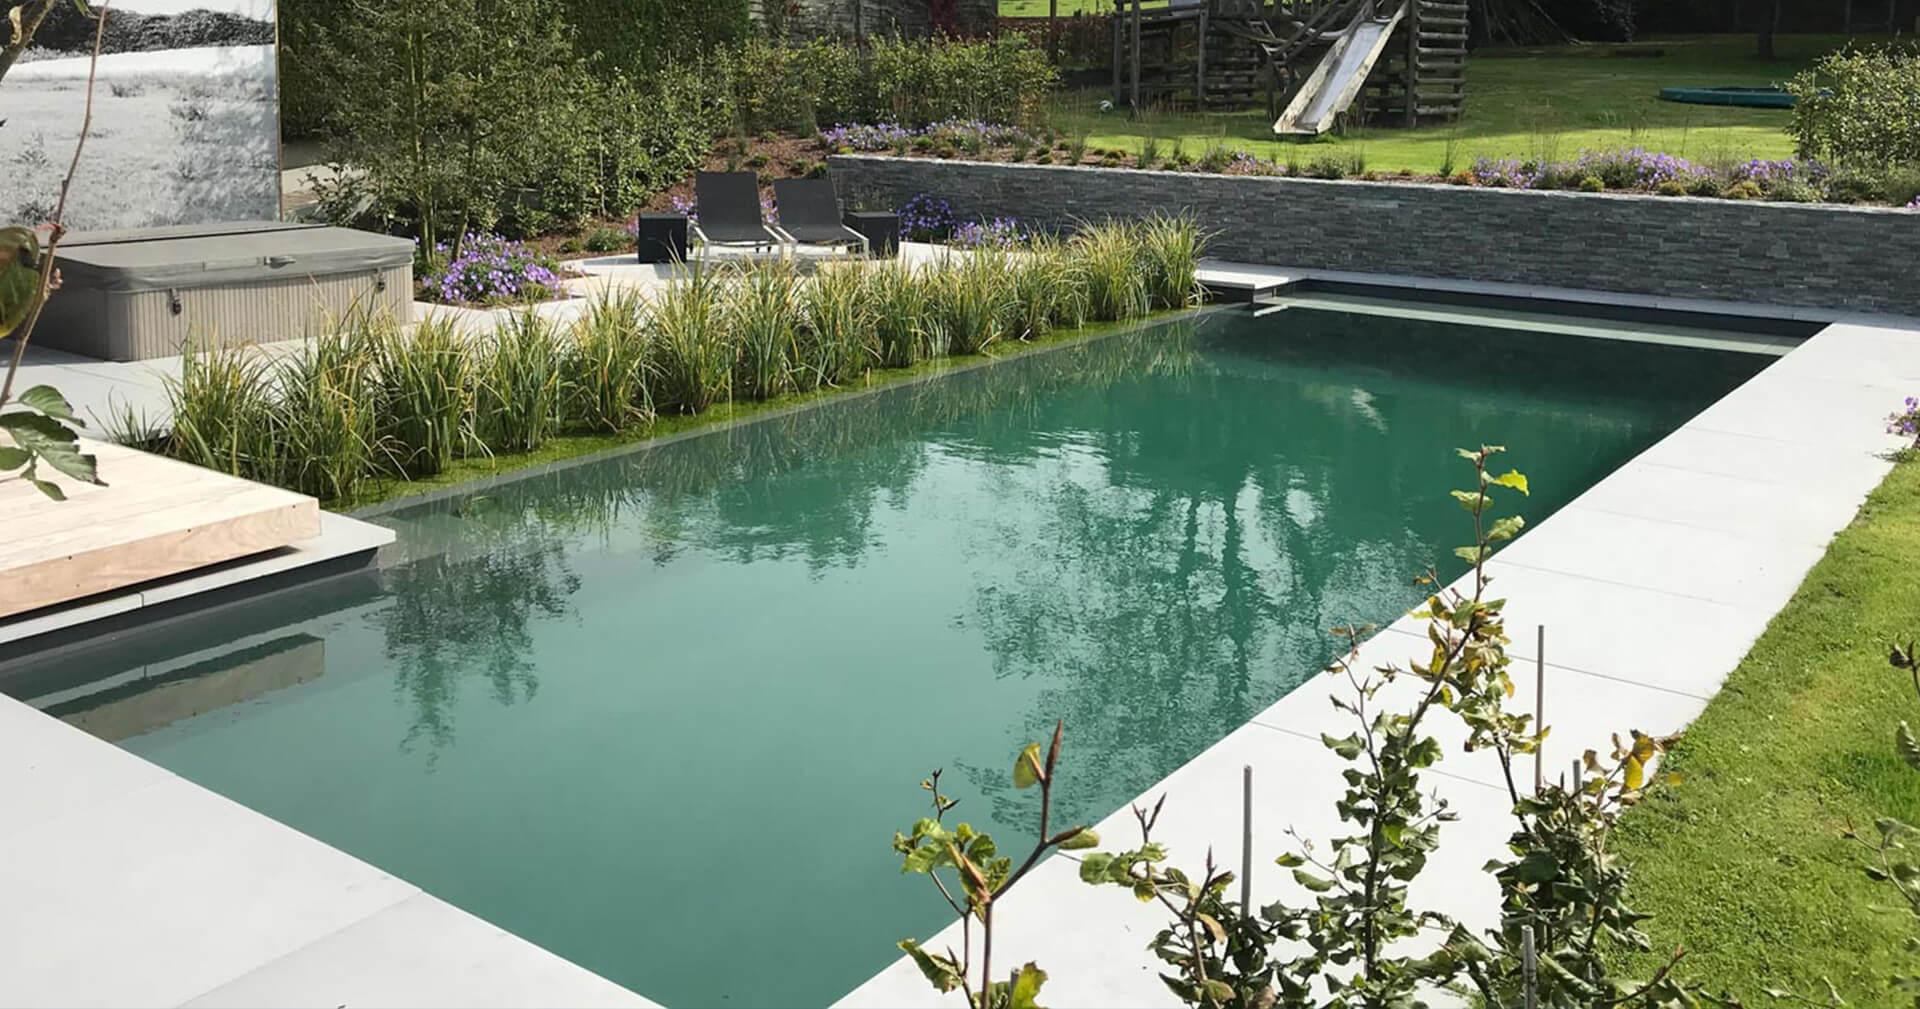 Vierkant Biotop natuurzwembad met flora en fauna aan de zijkant